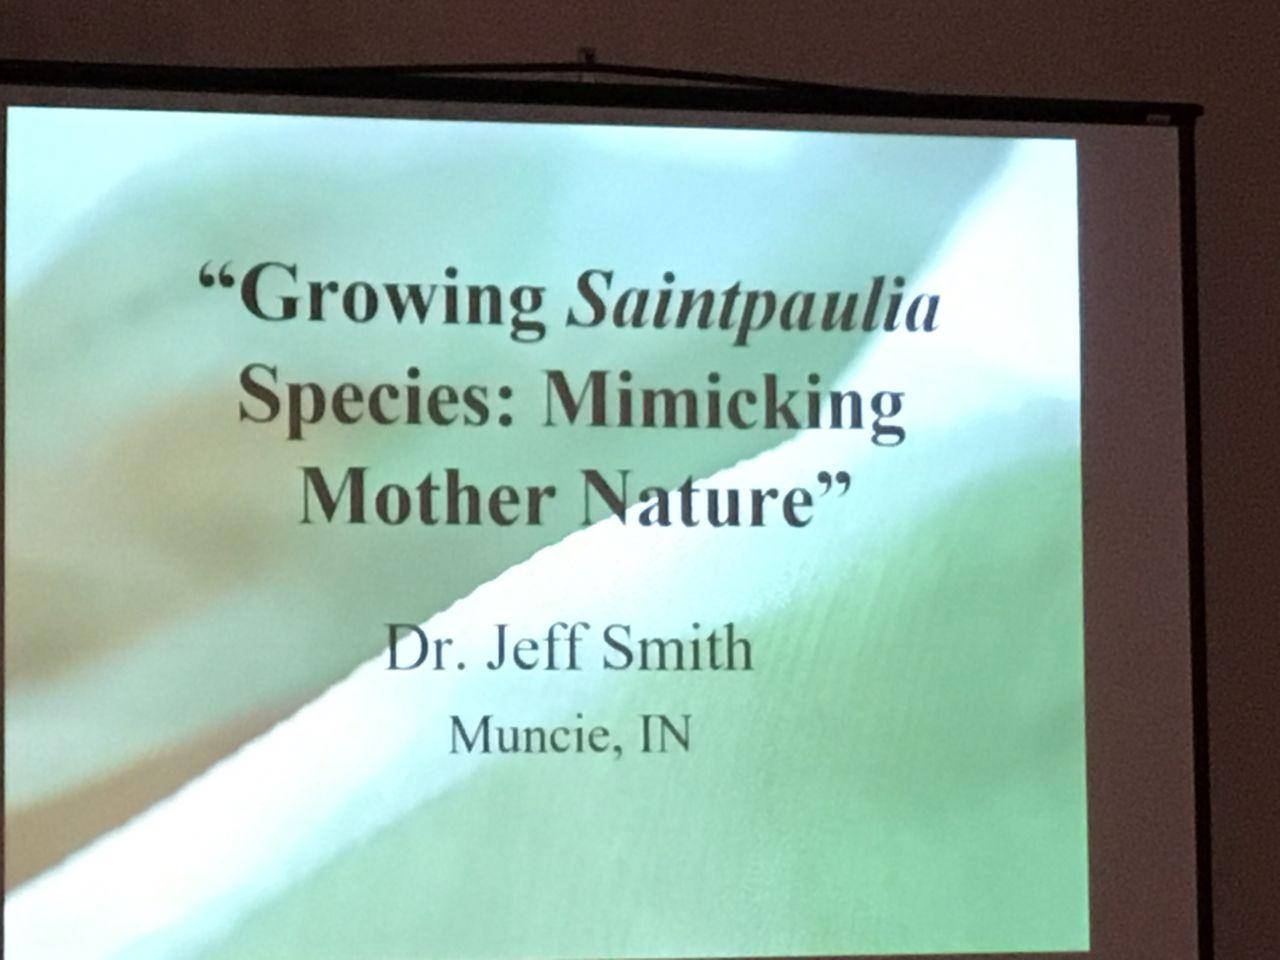 Presentation by Jeff Smith